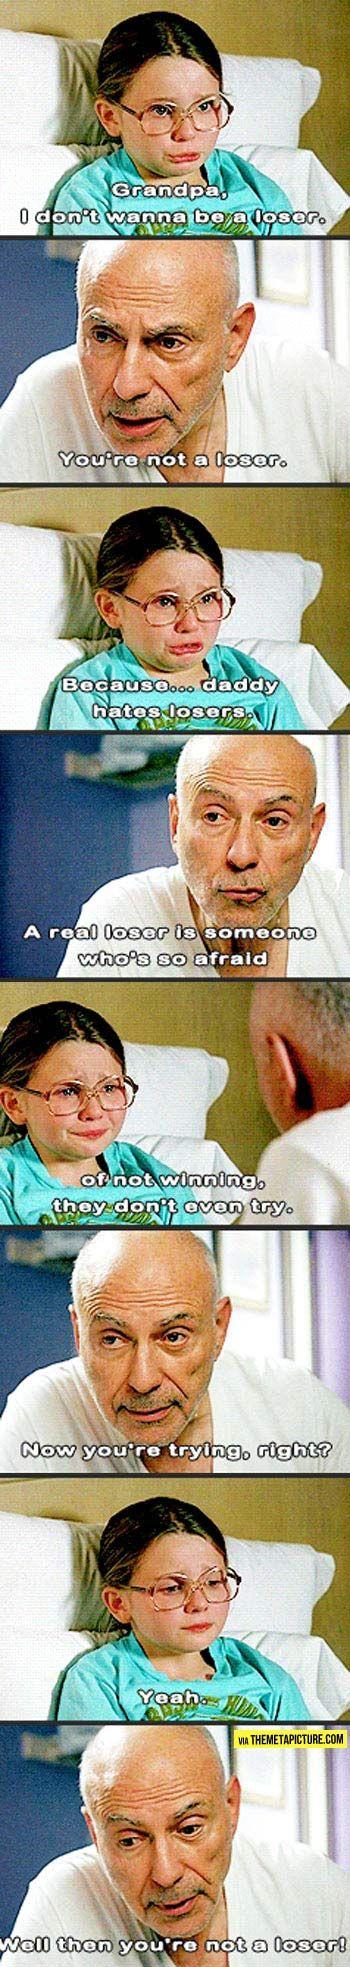 Aaaaaaaaaaaaand I'm crying.